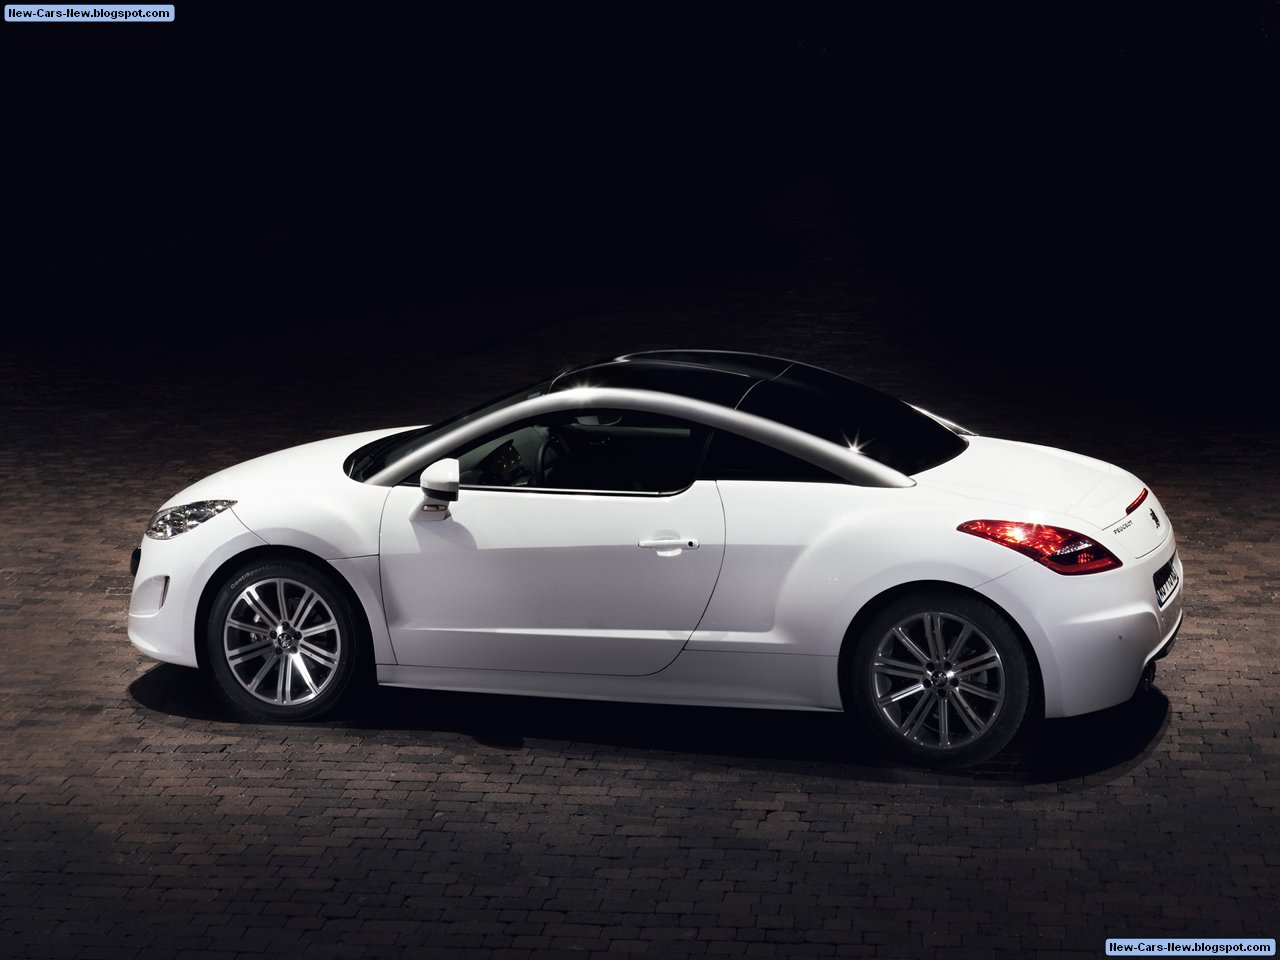 http://3.bp.blogspot.com/_U4w592tUDHM/TCD0JefL7QI/AAAAAAAACwI/M3LDRBpWwks/s1600/Peugeot-RCZ_2011_1280x960_wallpaper_03.jpg